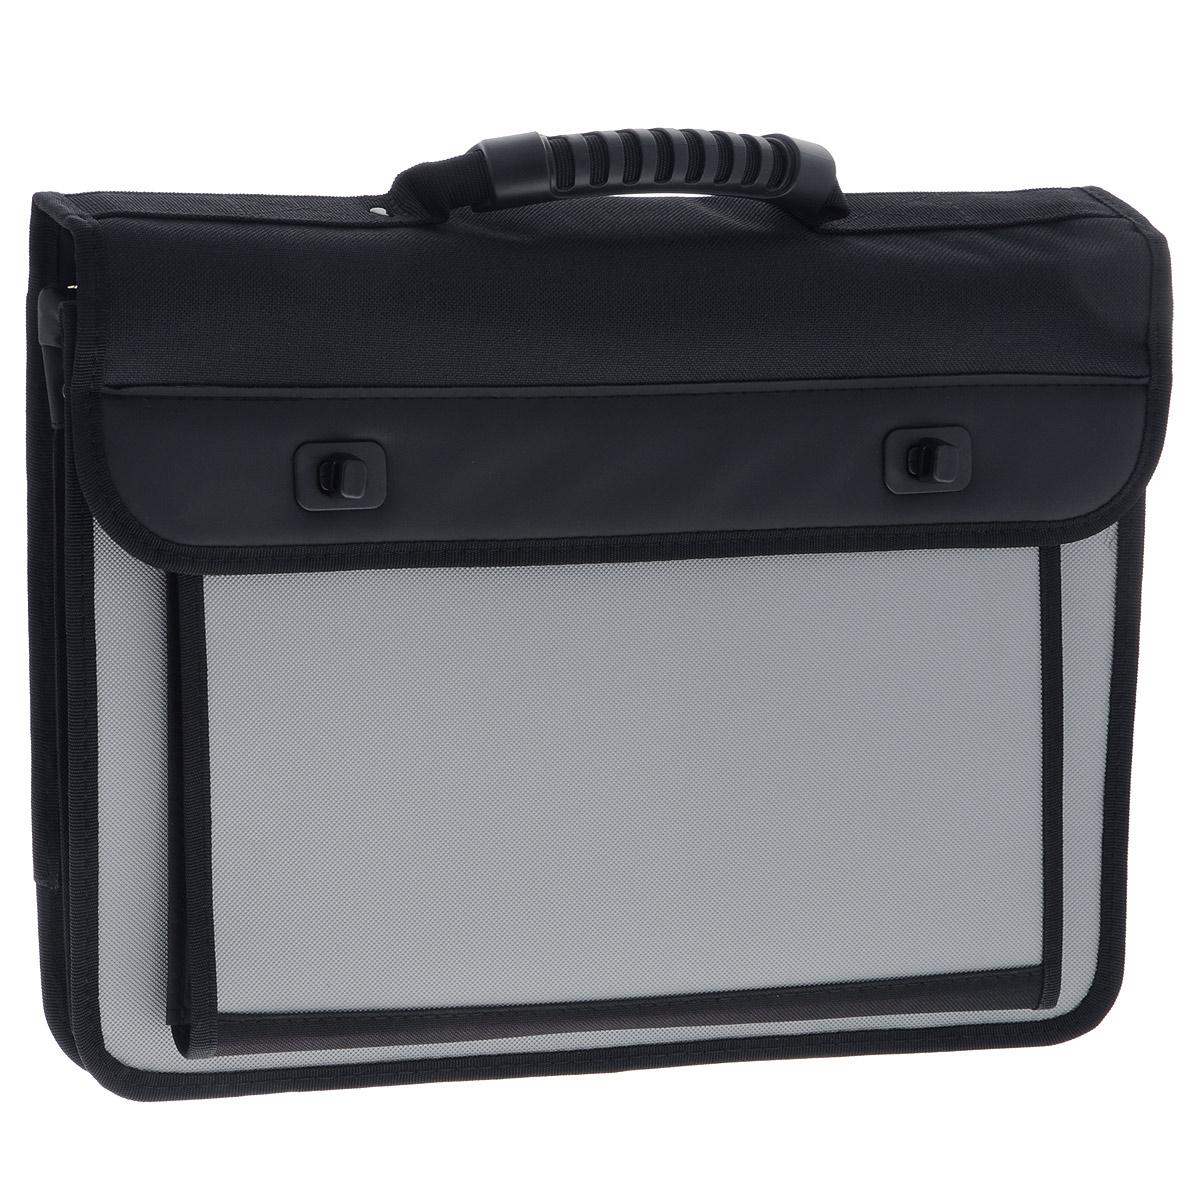 Berlingo Папка-портфель на застежках цвет черный серыйADb_04058Папка-портфель Berlingo - это удобный и практичный офисный инструмент, предназначенный для хранения и транспортировки большого количества рабочих бумаг и документов формата А4. Папка-портфель изготовлена из плотного пластика с зернистым тиснением, оснащена удобной ручкой для переноски, закрывается на клапан с 2 пластиковыми замками. Грани папки имеют мягкую отделку. Папка состоит из 2 отделений, разделенных пластиковым разделителем. Внутри расположены 3 открытых кармана, 3 кармашка для ручек и накладной карман на застежке-молнии. Фронтальная сторона сумки дополнена вместительным карманом, закрывающимся на клапан с липучкой и разграниченный пластиковым разделителем. На тыльной стороне расположен прорезной карман на застежке-молнии.Папка оснащена удобным плечевым ремнем с эргономичной мягкой накладкой.Папка-портфель - это незаменимый атрибут для студента, школьника, офисного работника. Такая папка надежно сохранит ваши документы и сбережет их от повреждений, пыли и влаги.